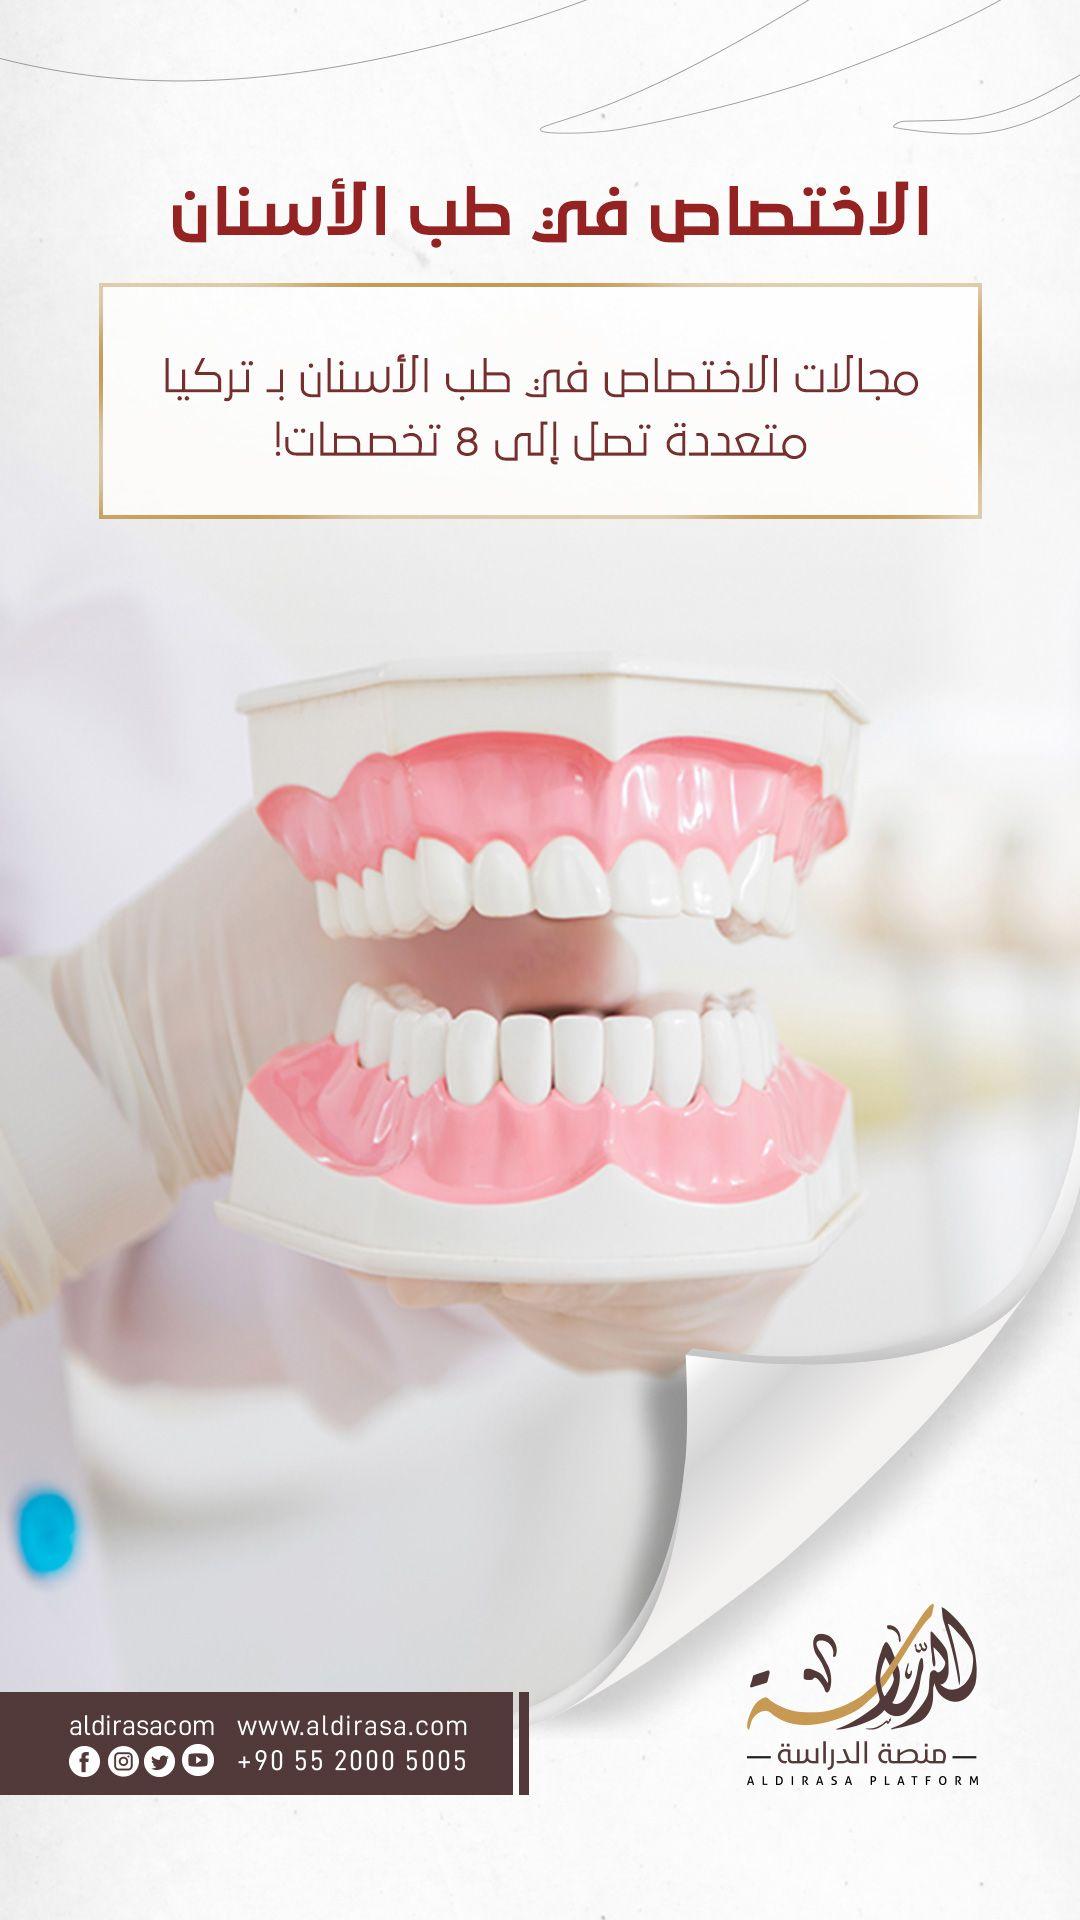 تخصصات طب الأسنان في تركيا Tray Novelty